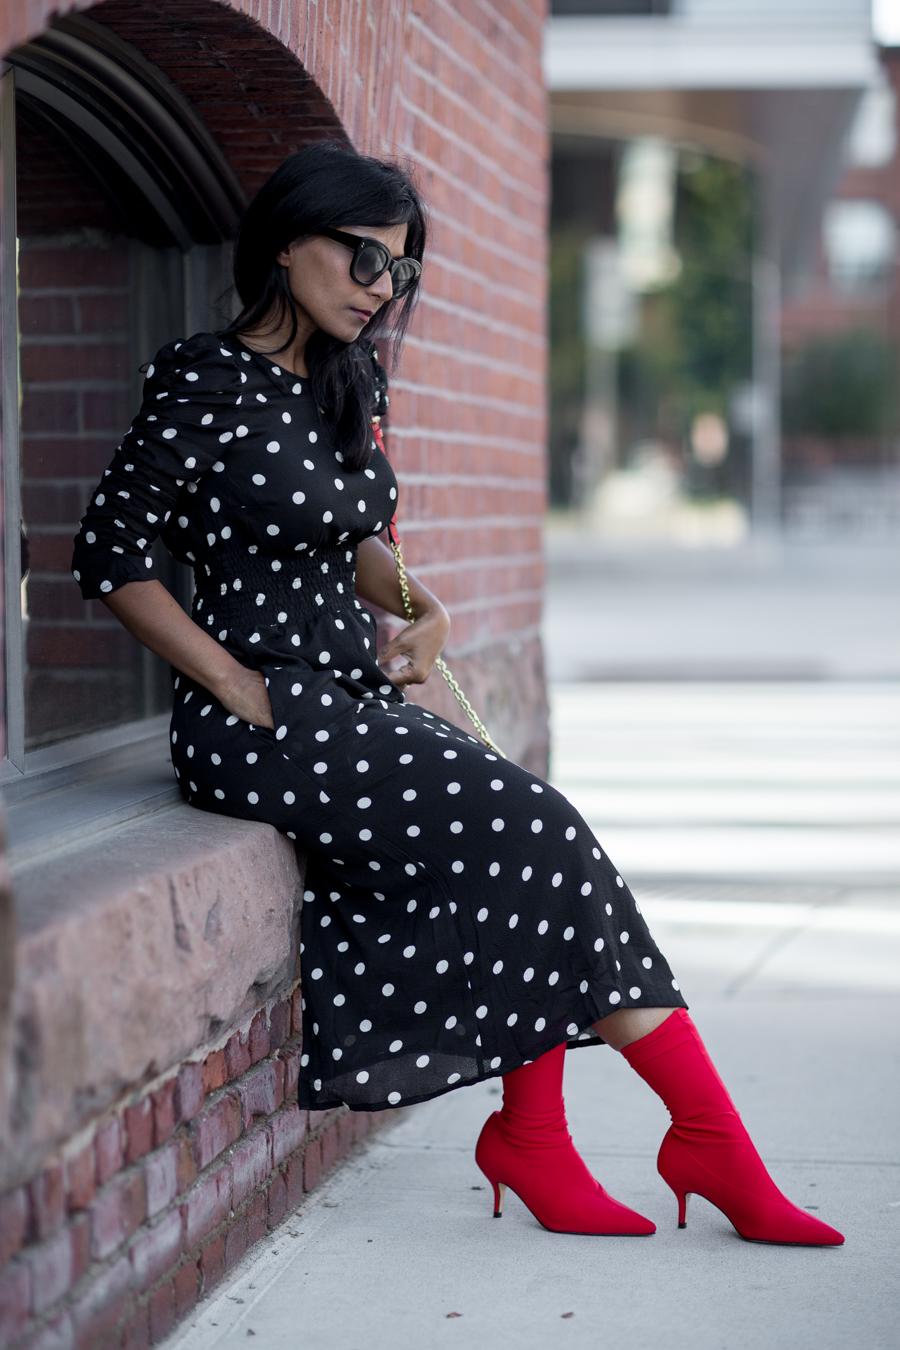 Boston Street Style: Boston Fashion, Boston Style 57